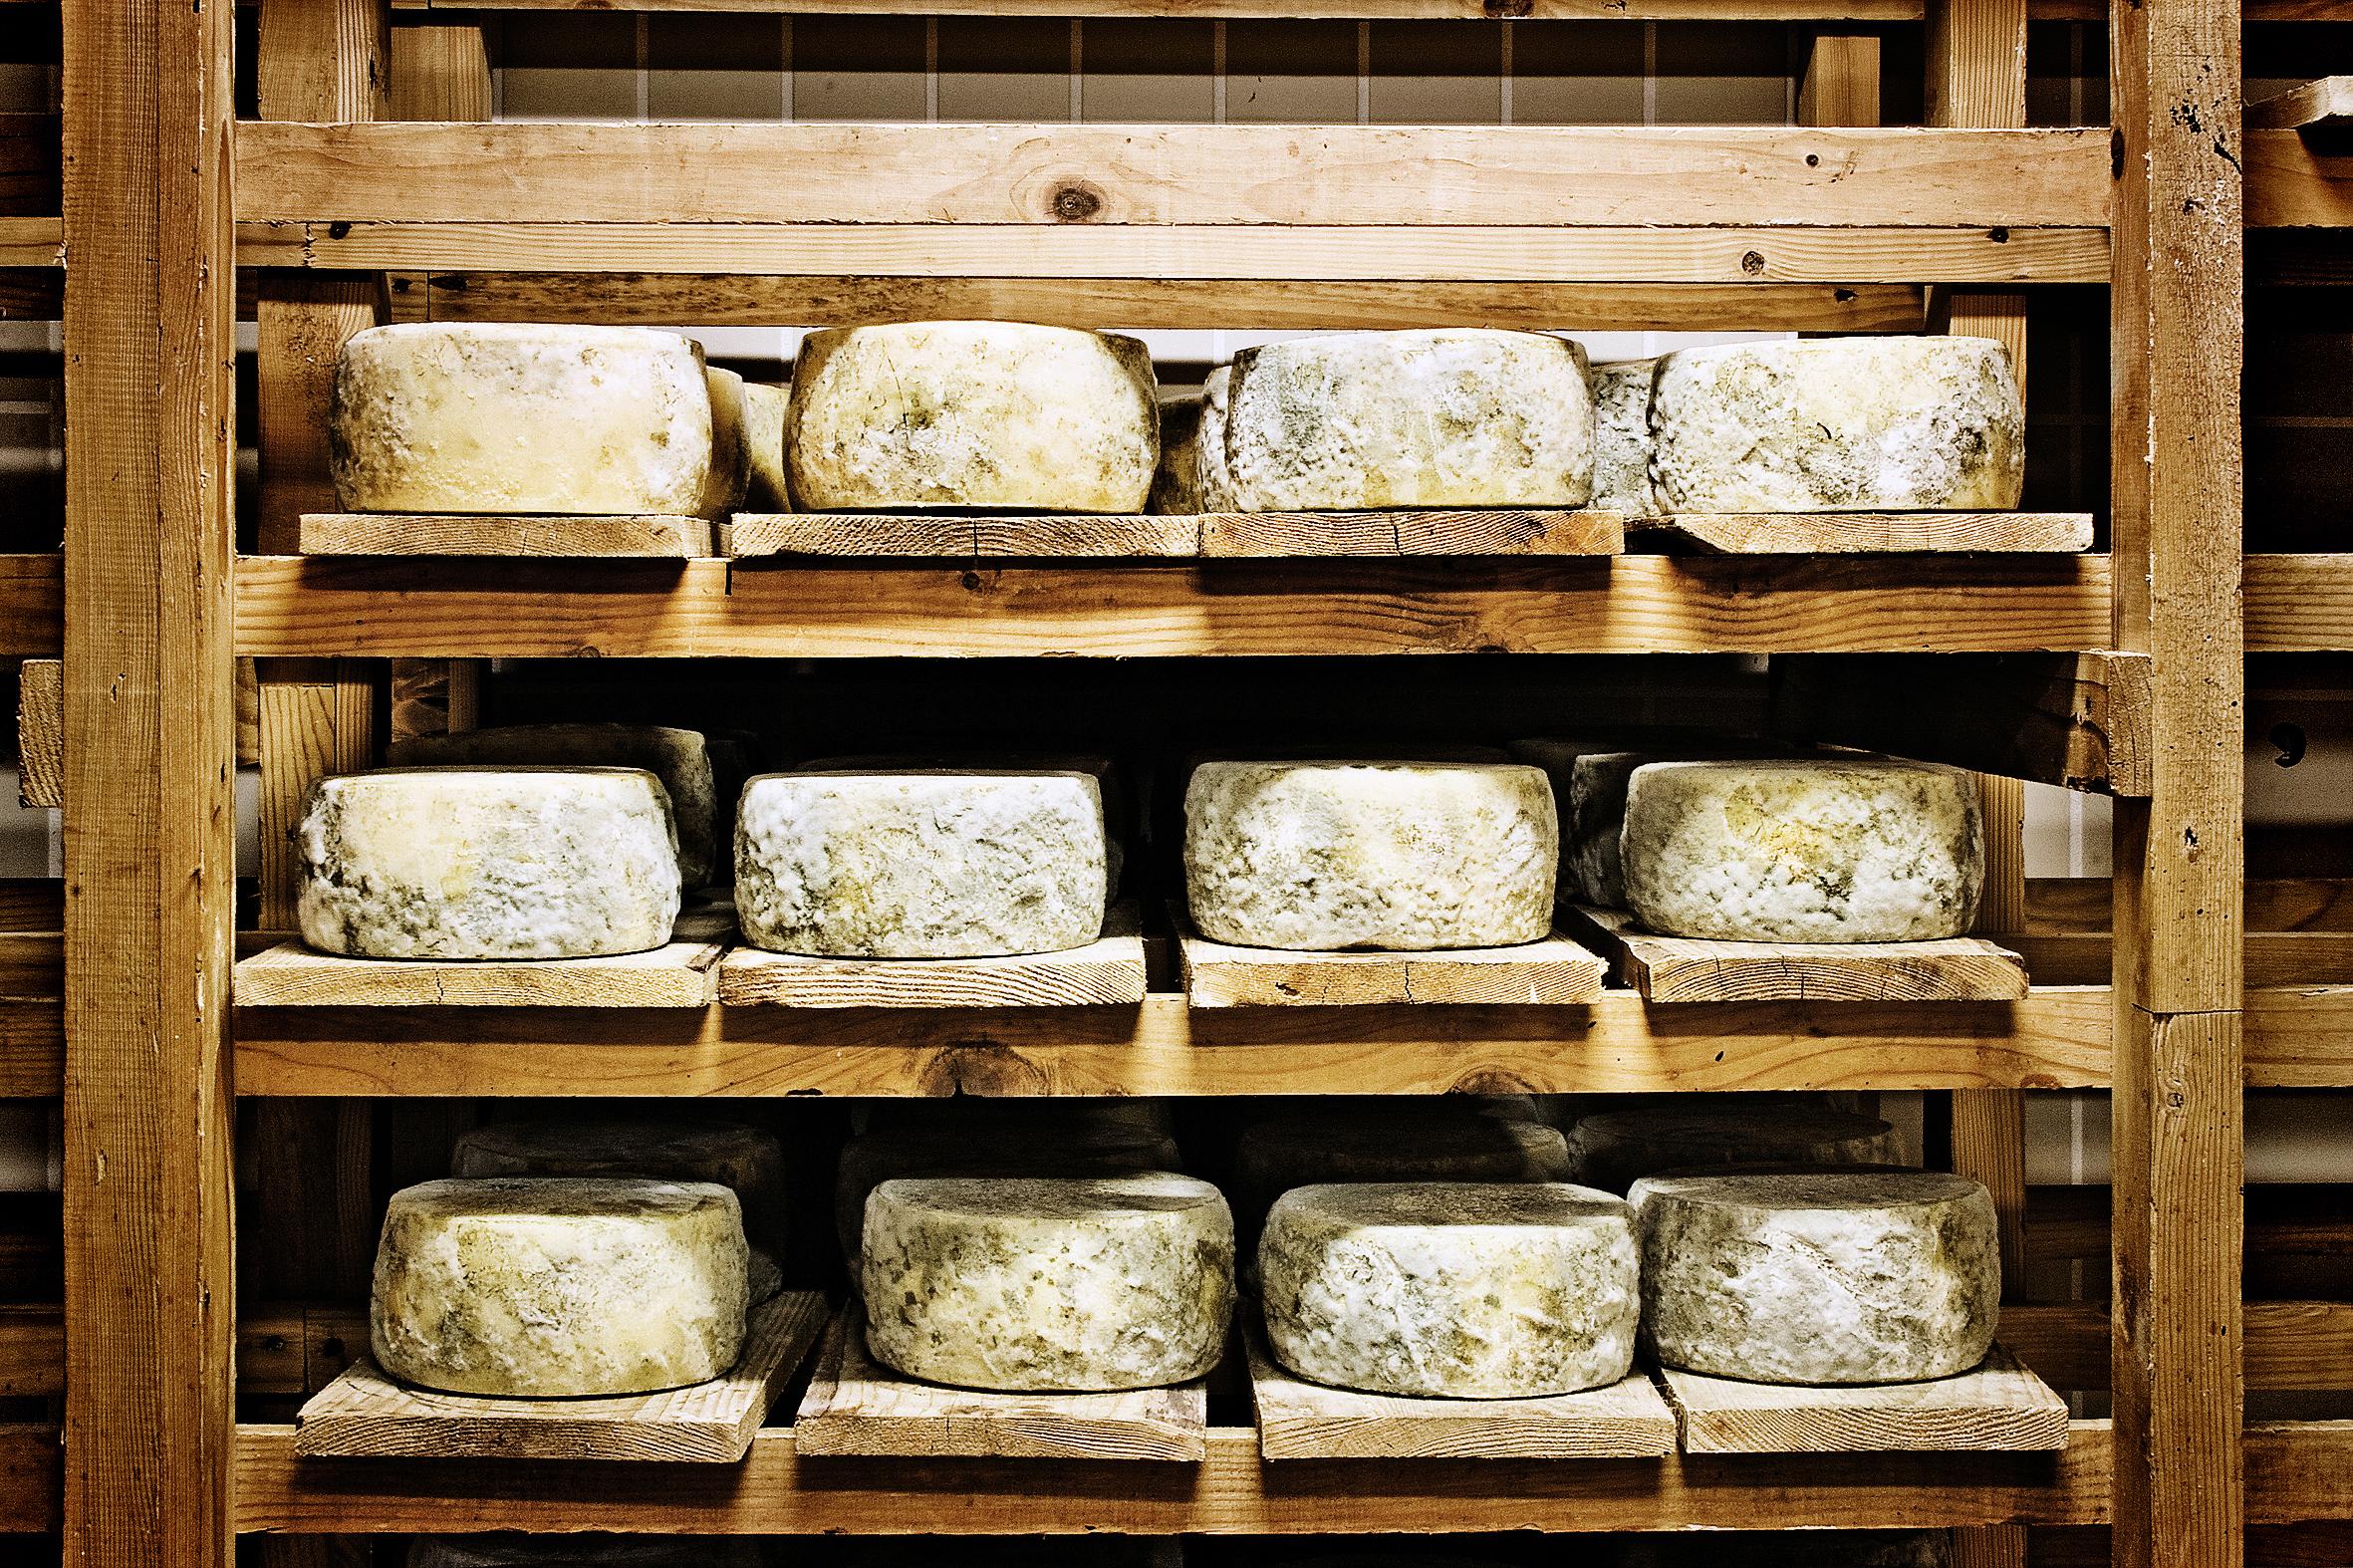 Tast de vins amb Formatges del Pirineu – XERIGOTS